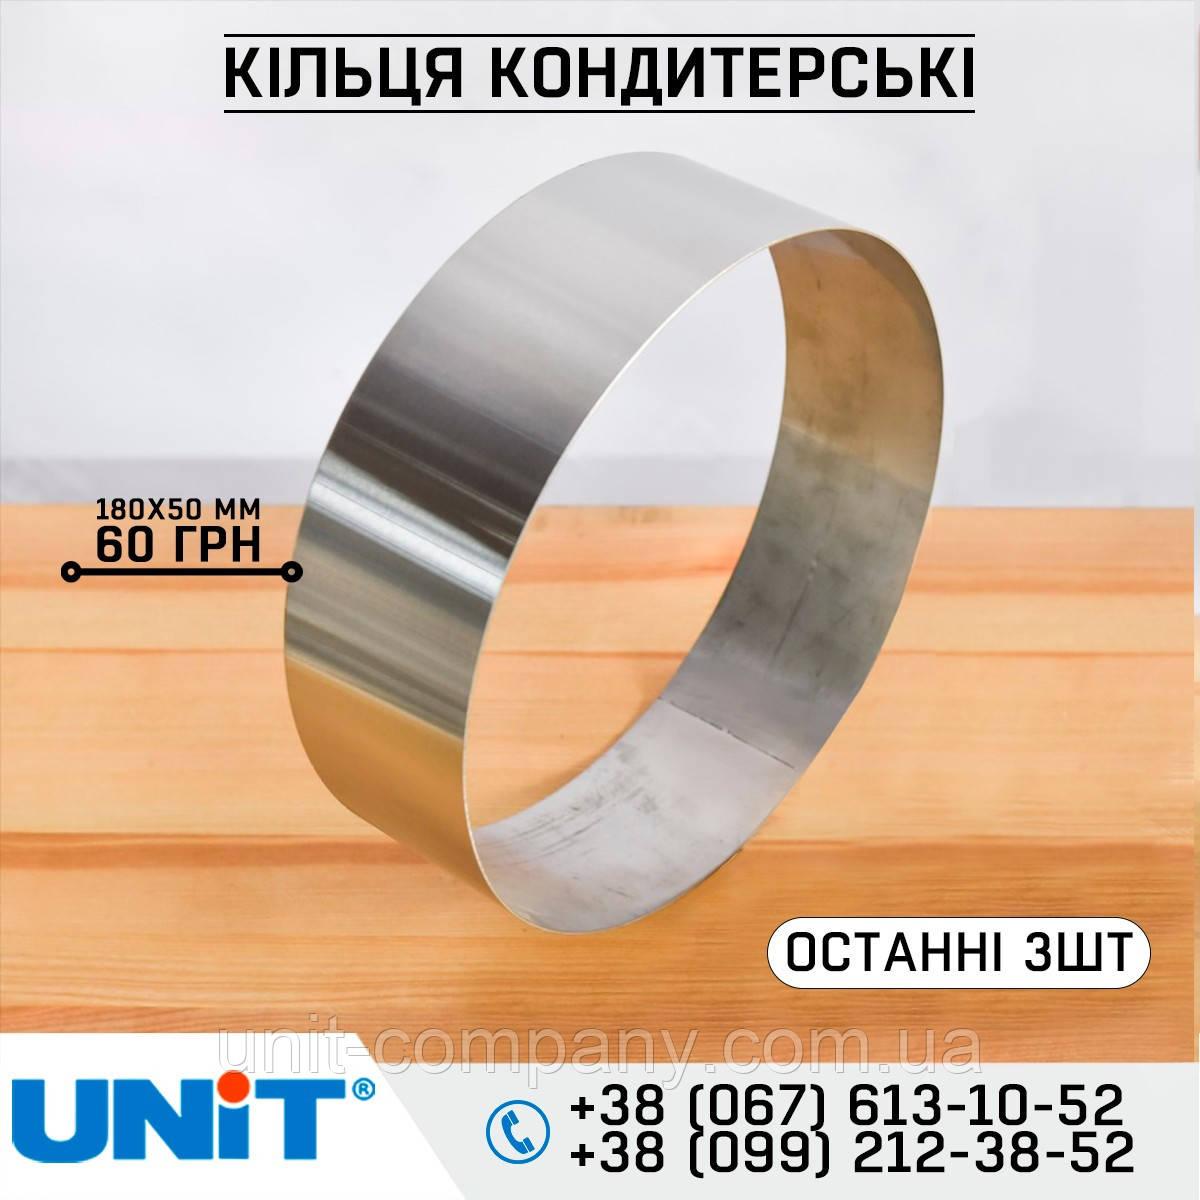 Кольца кондитерские для выпечки